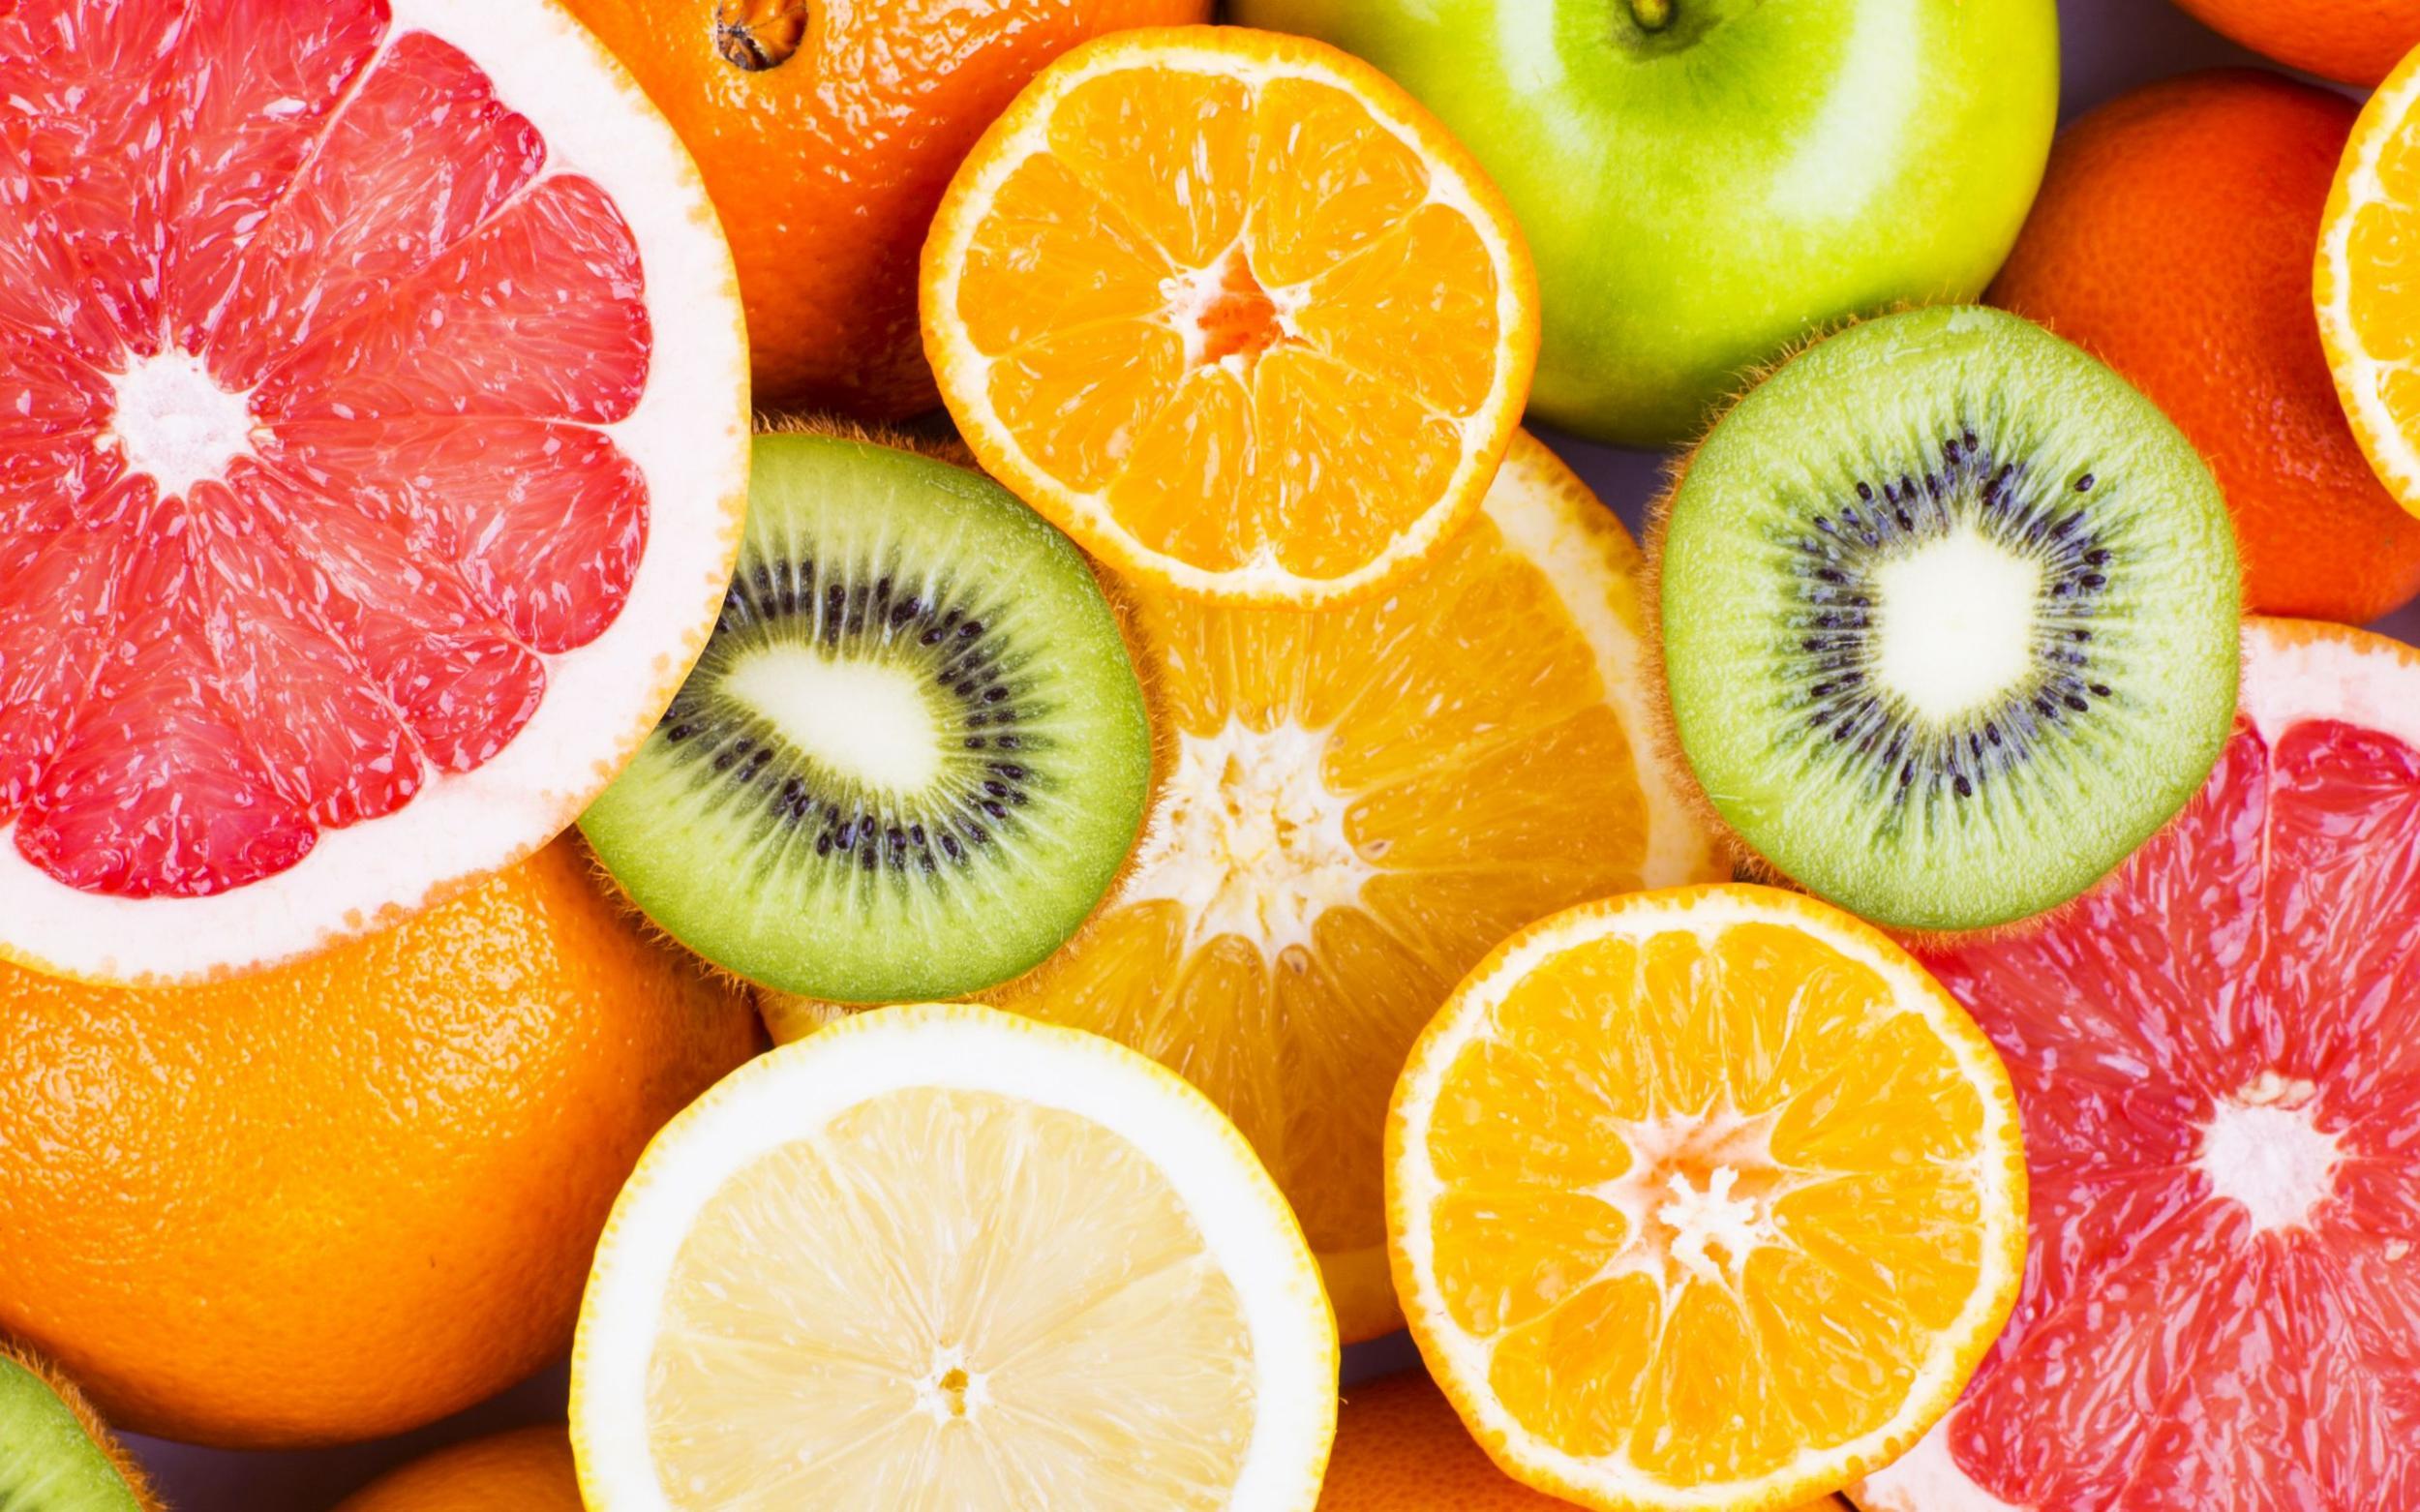 """【长城评论】今年的水果为什么贵?说好的""""水果自由""""呢"""